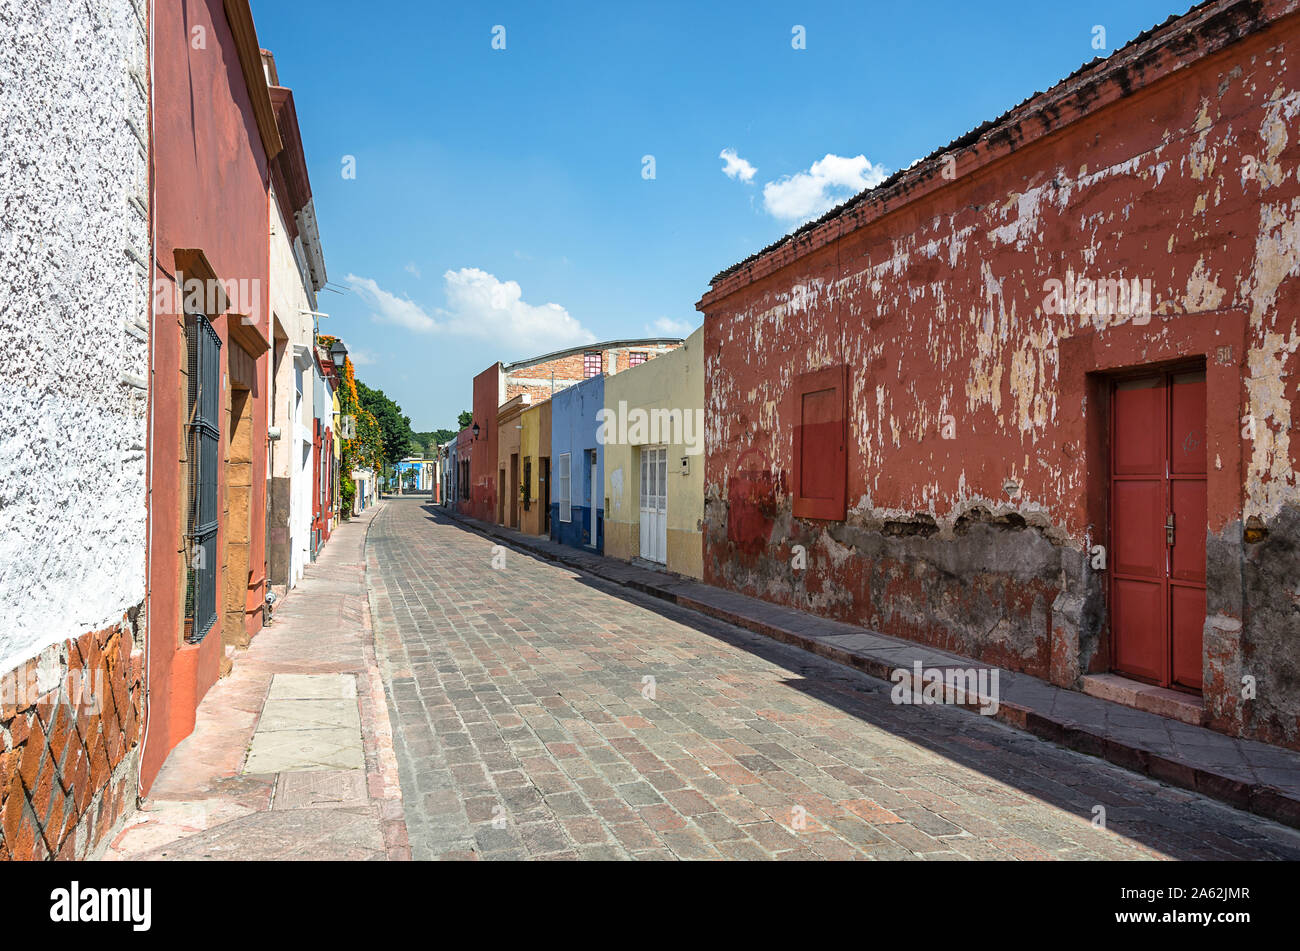 Old Town street, en el centro histórico de la ciudad de Querétaro, México Foto de stock